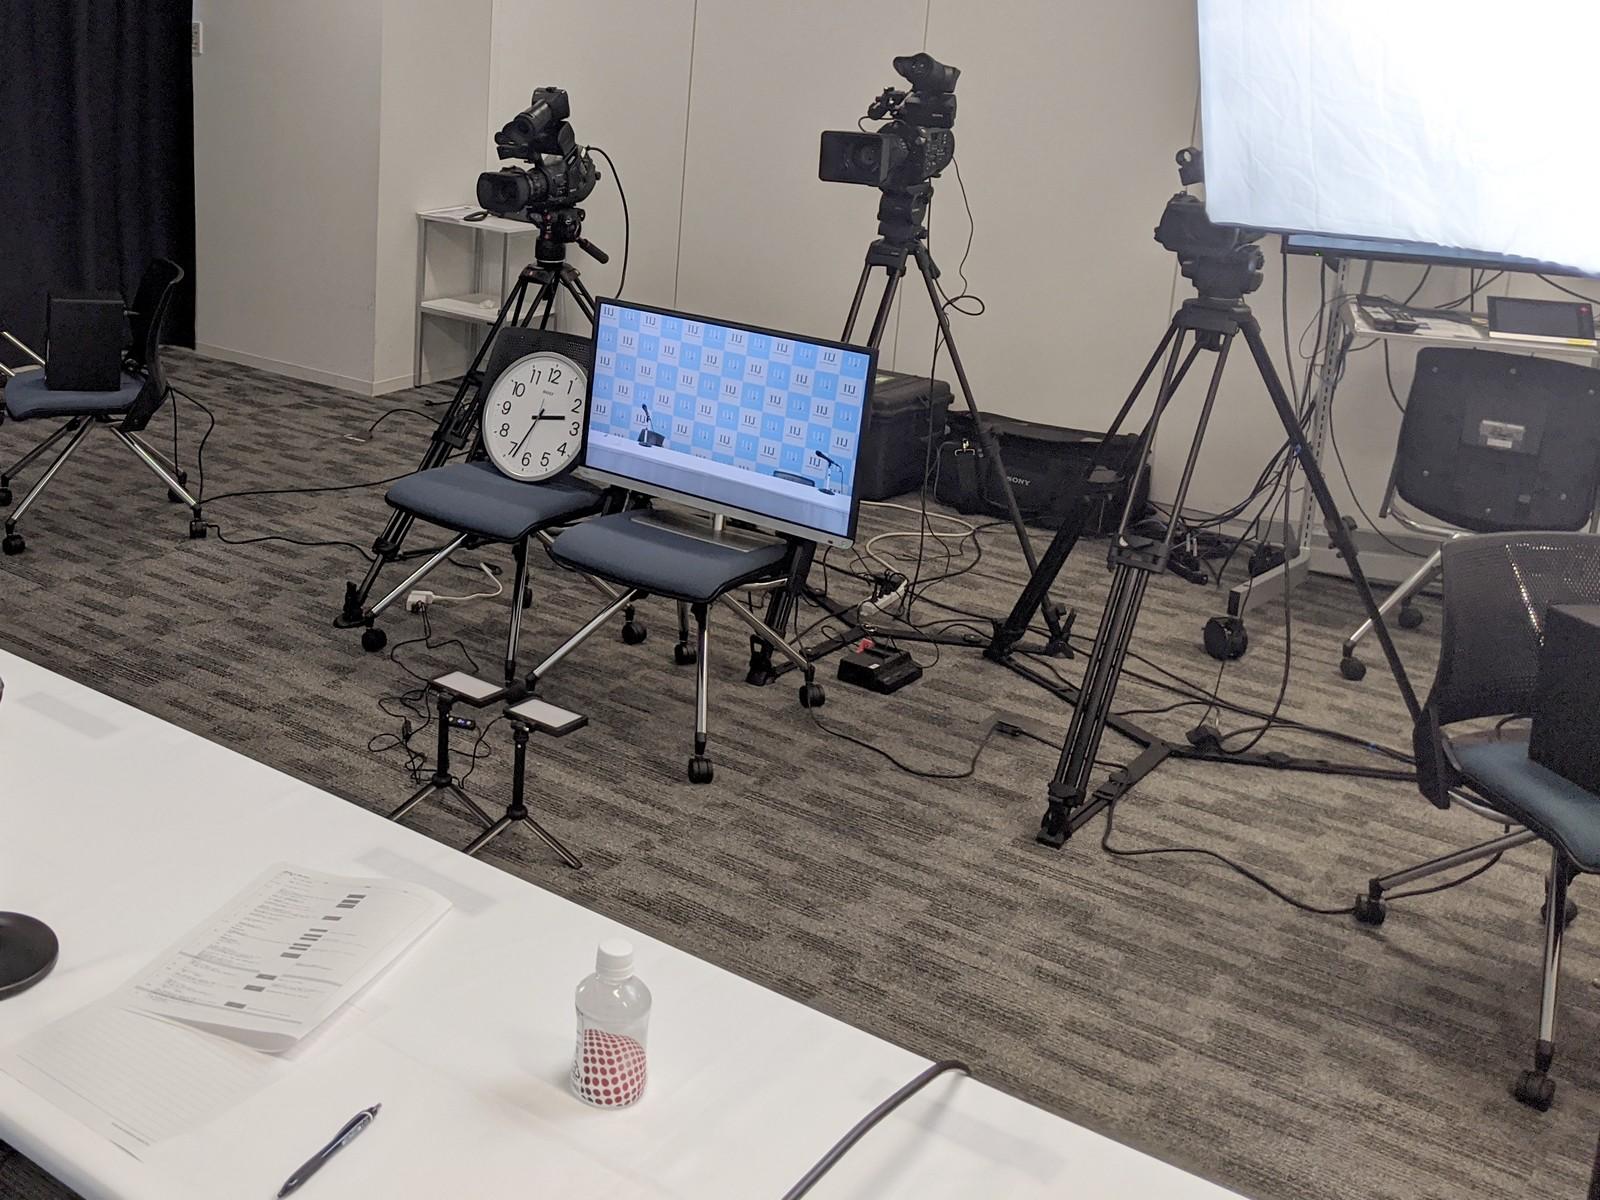 IIJ特設発表会スタジオの登壇者前。カメラは固定で用意されており、モニター画面なども用意されたかなり本格的なものだ